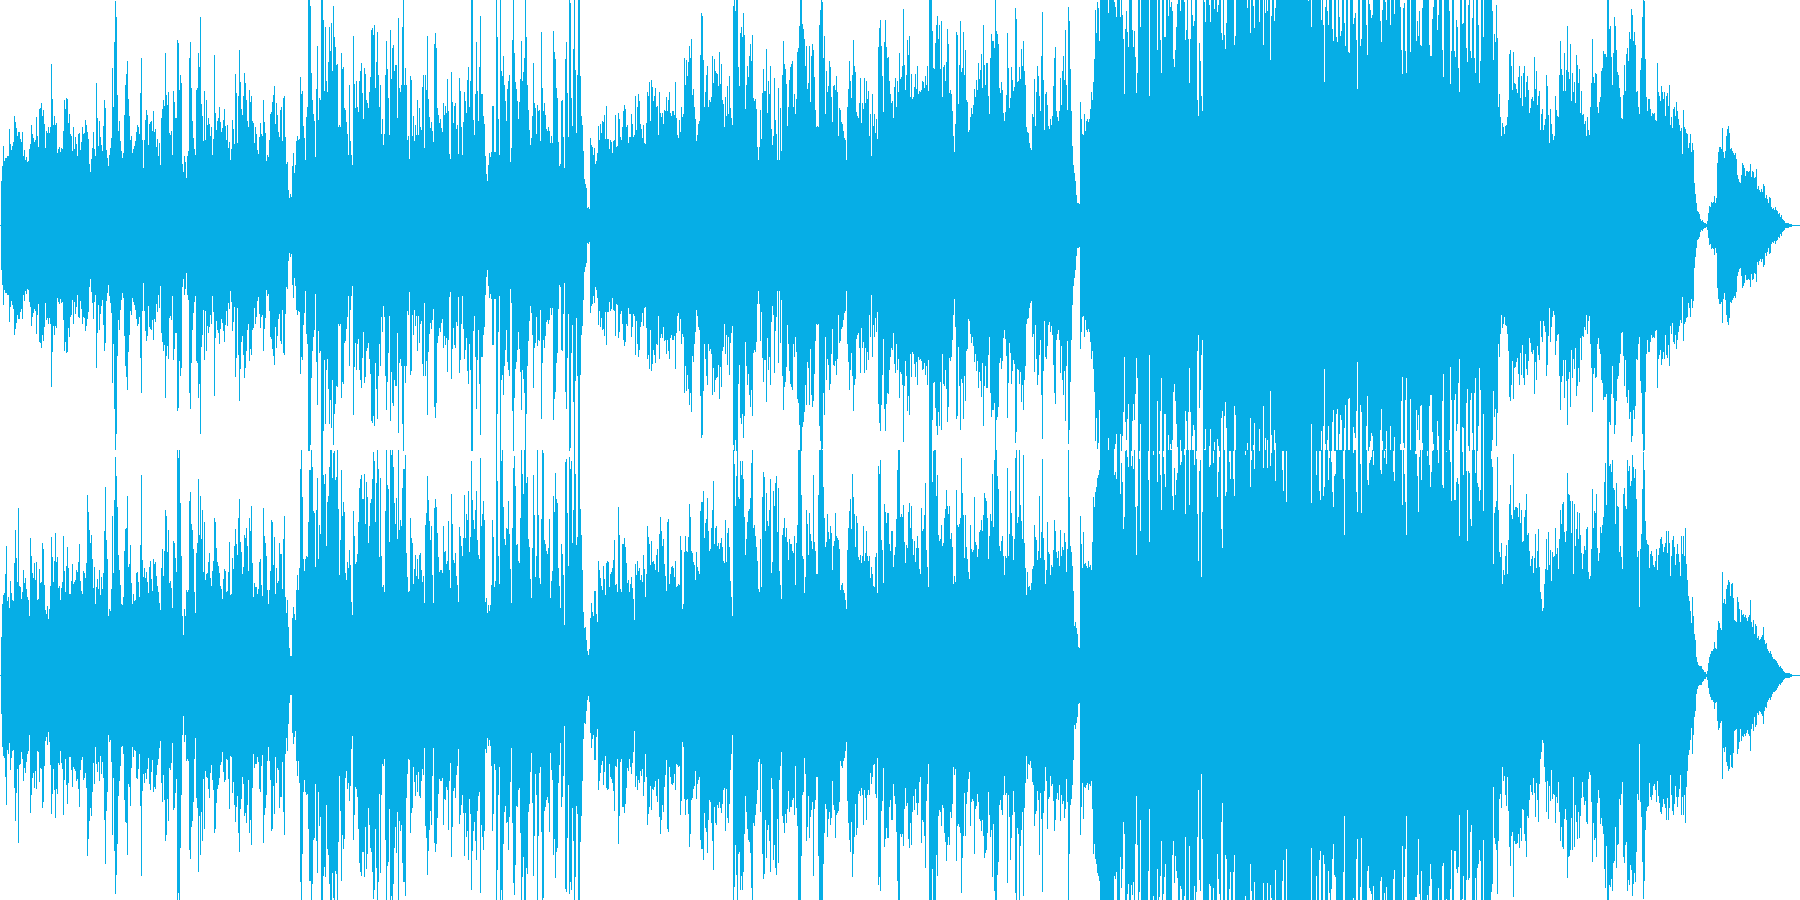 生演奏《ヨーロッパを感じるビオラの曲》の再生済みの波形